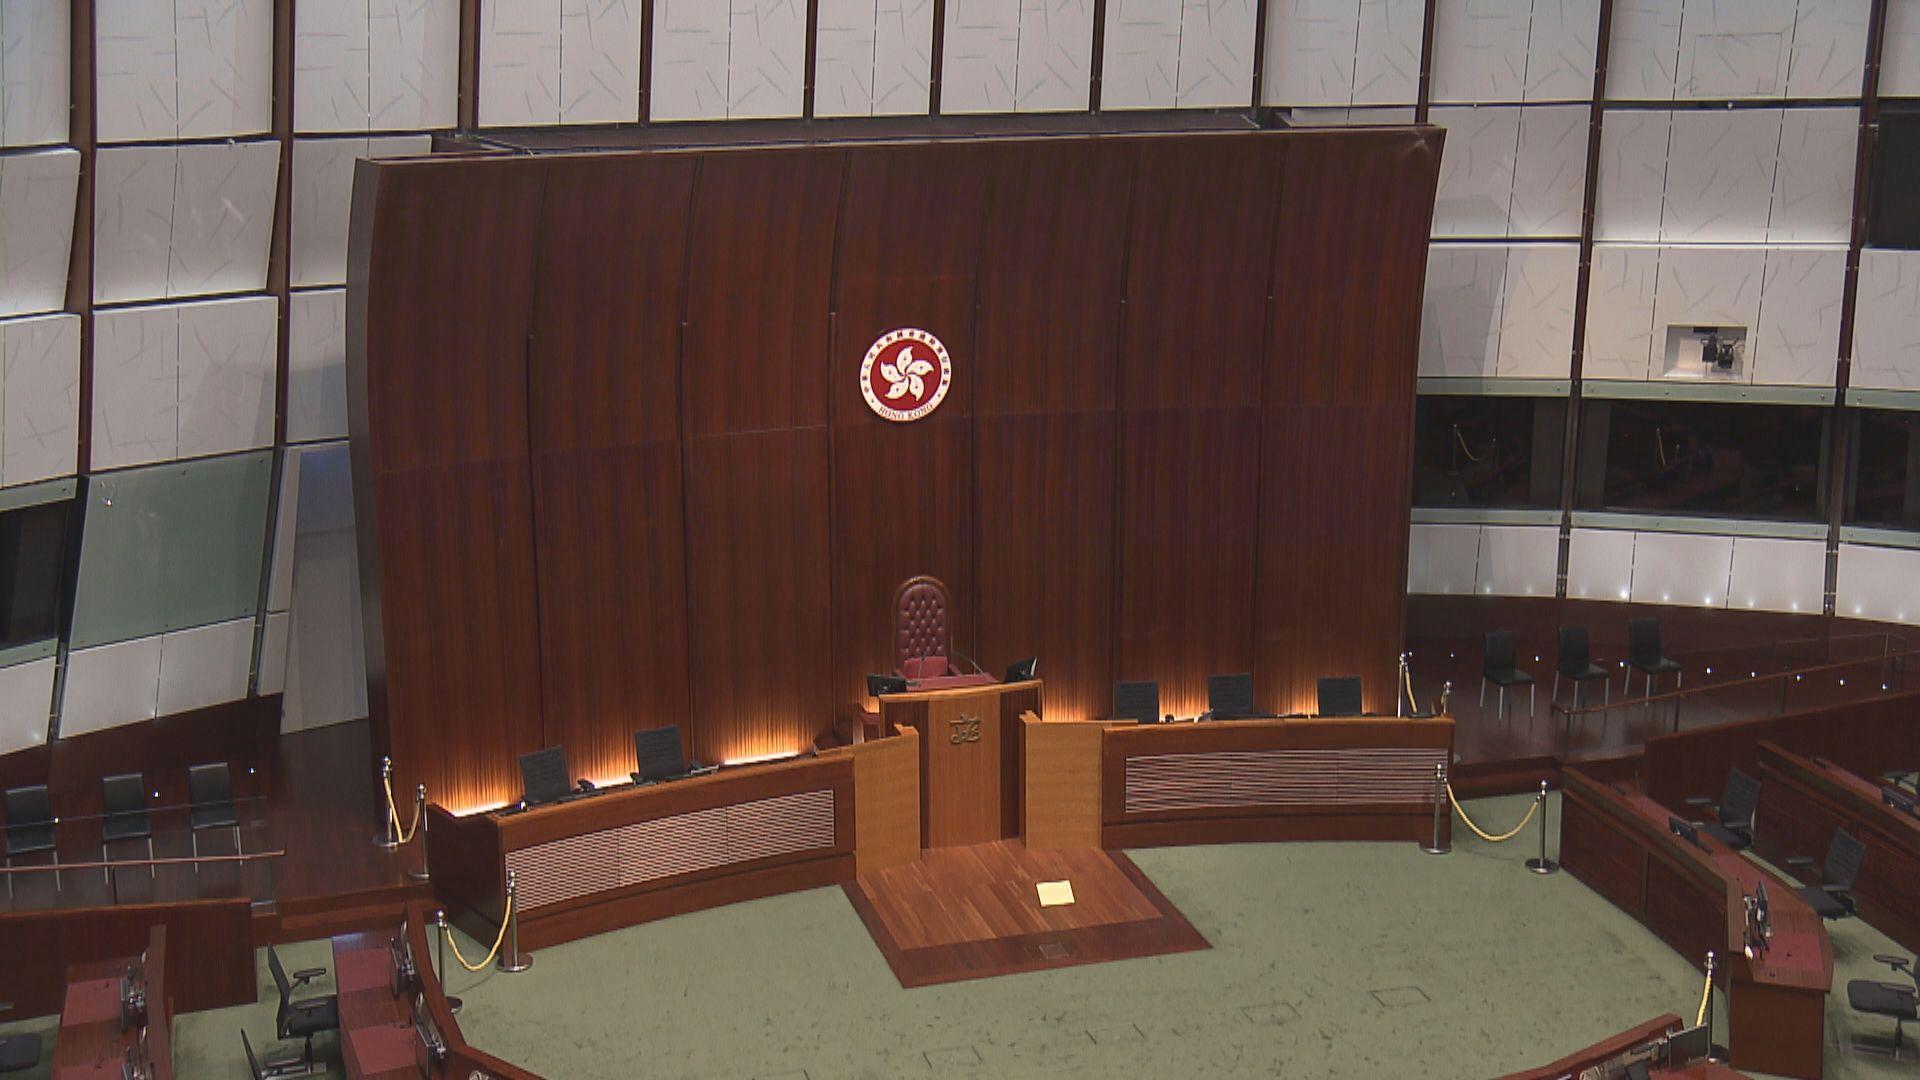 梁愛詩:改革非民主倒退 要怪就怪香港二十年來沒做好